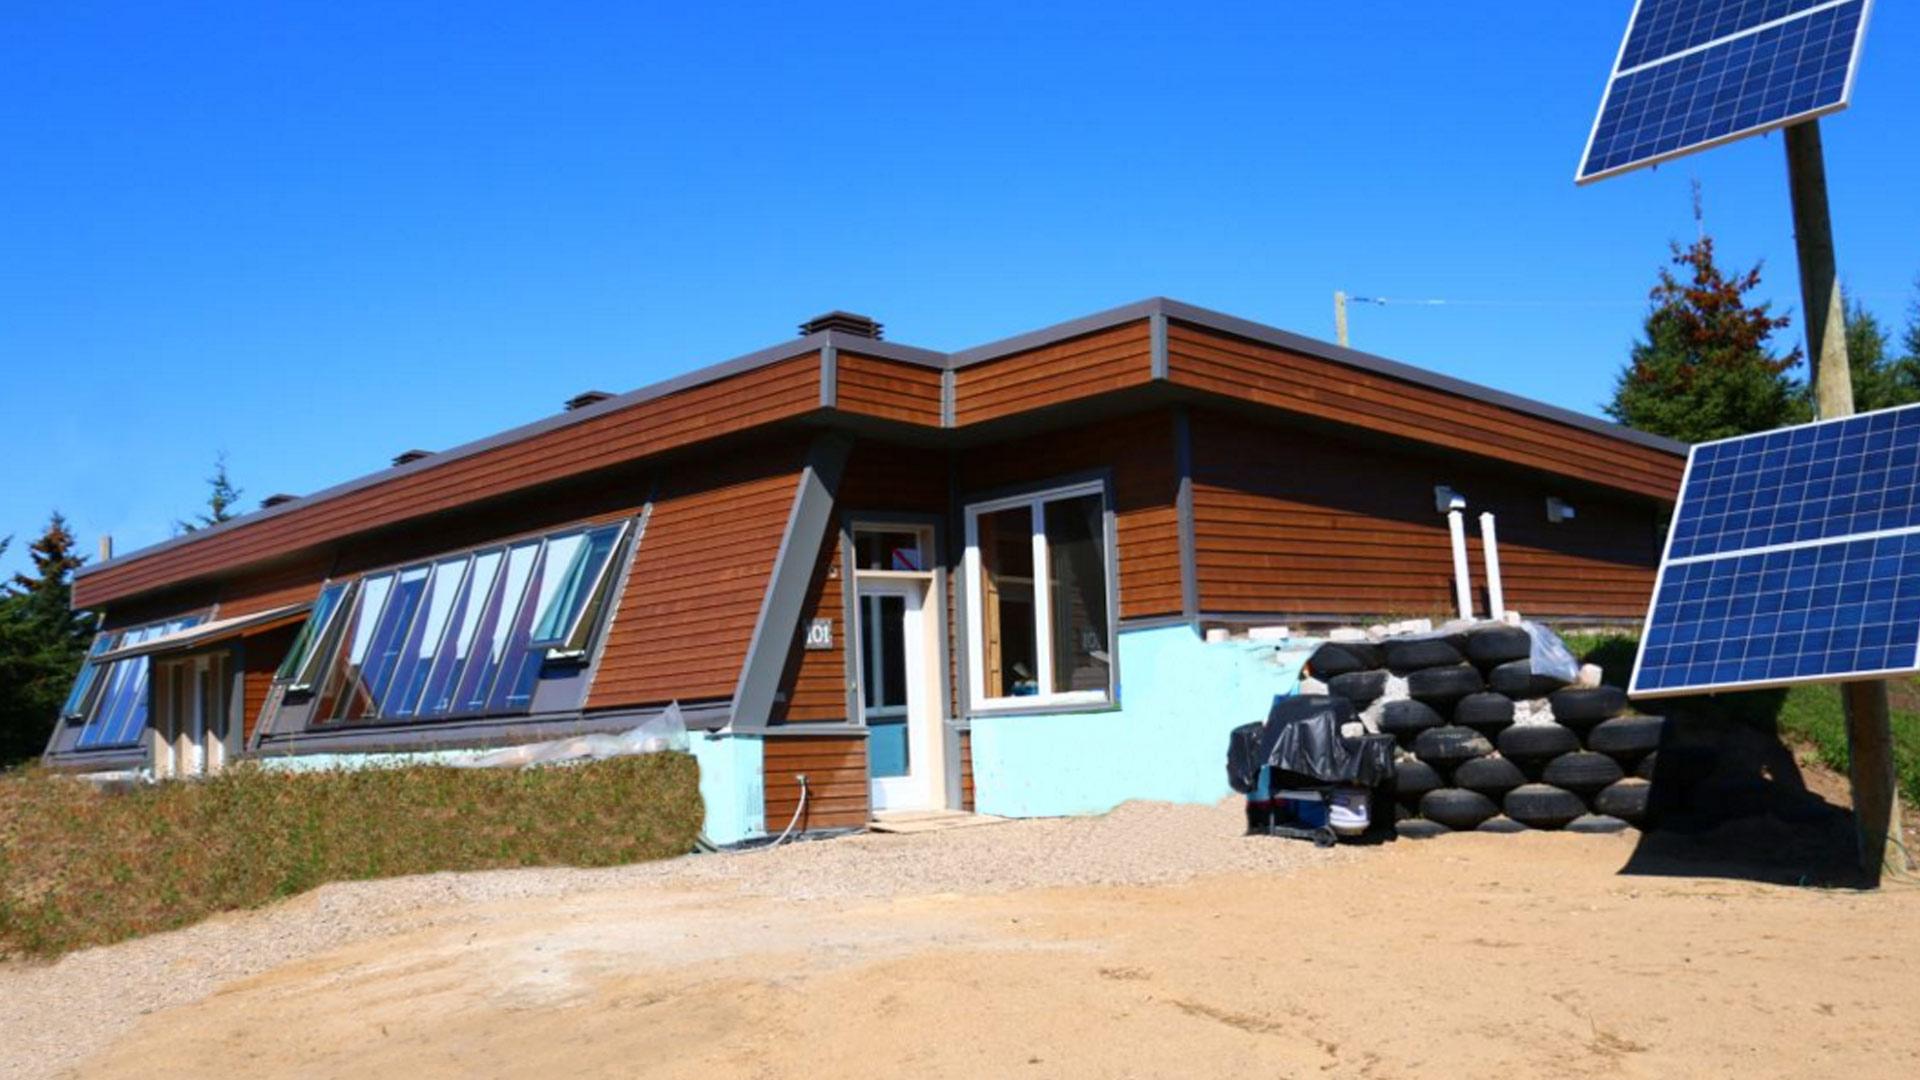 Pourquoi construire une maison de pneus mieux investir for Construire une maison intelligente